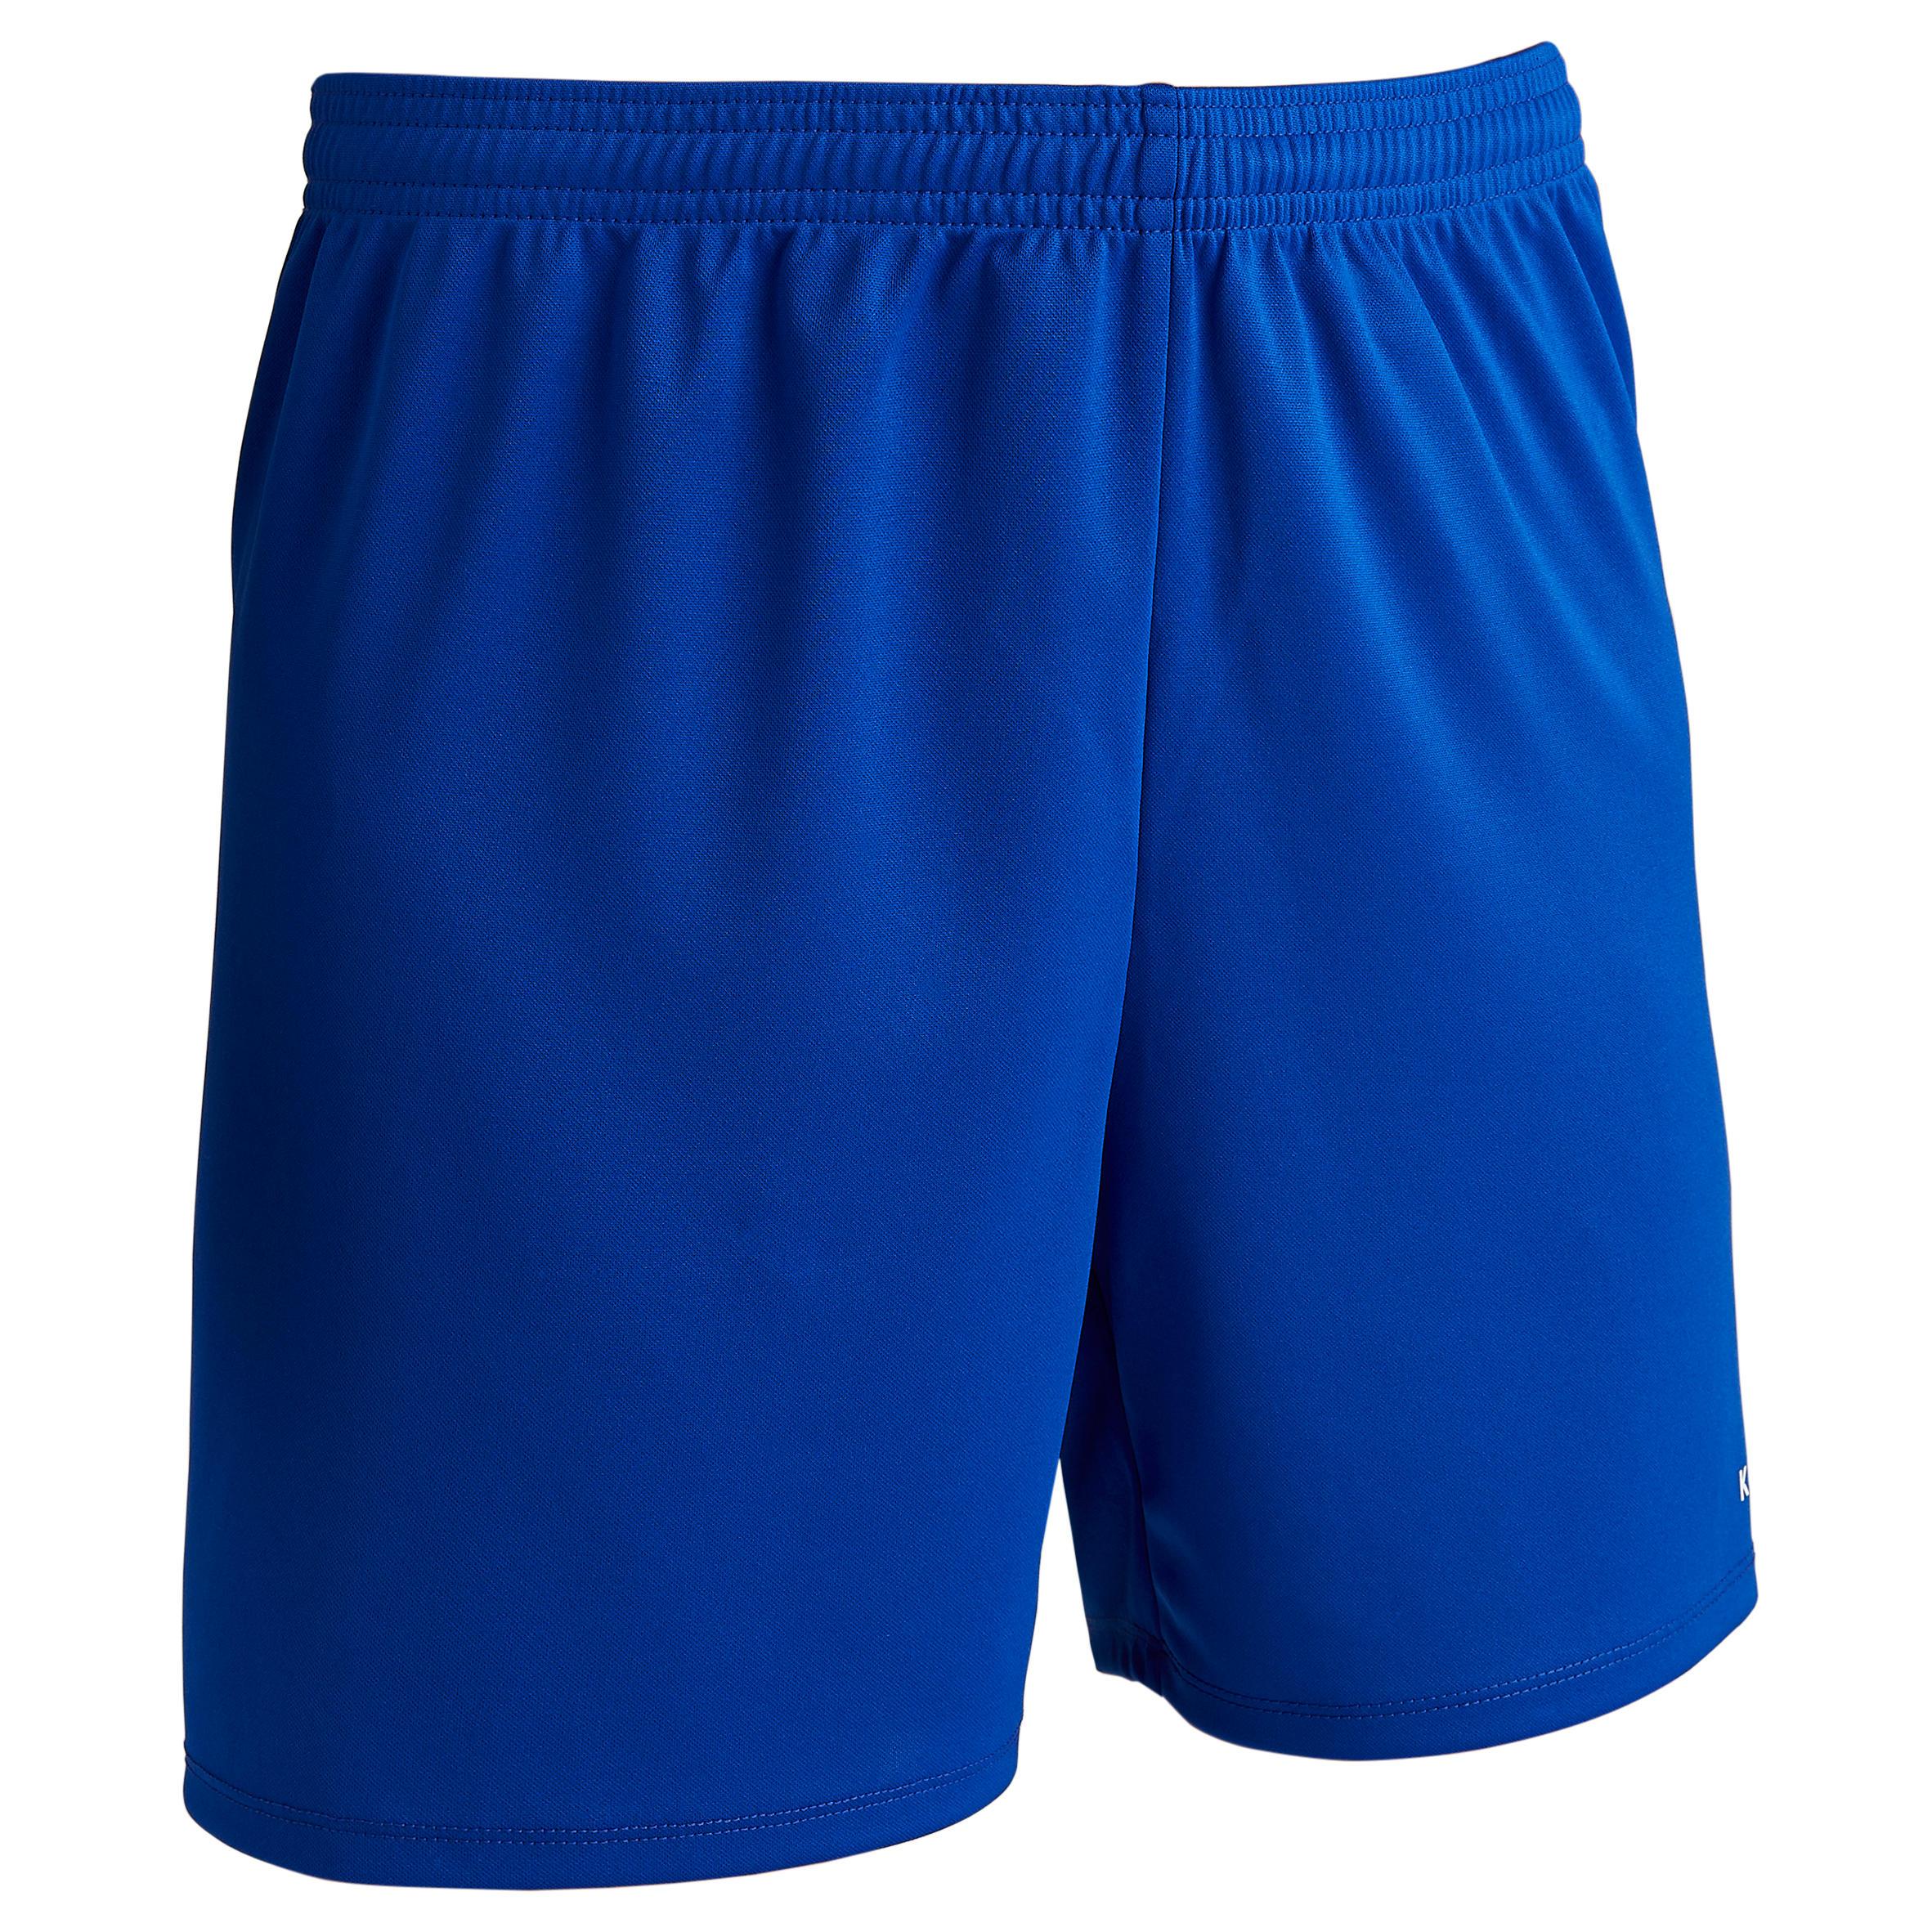 Kipsta Voetbalbroekje dames F100 blauw